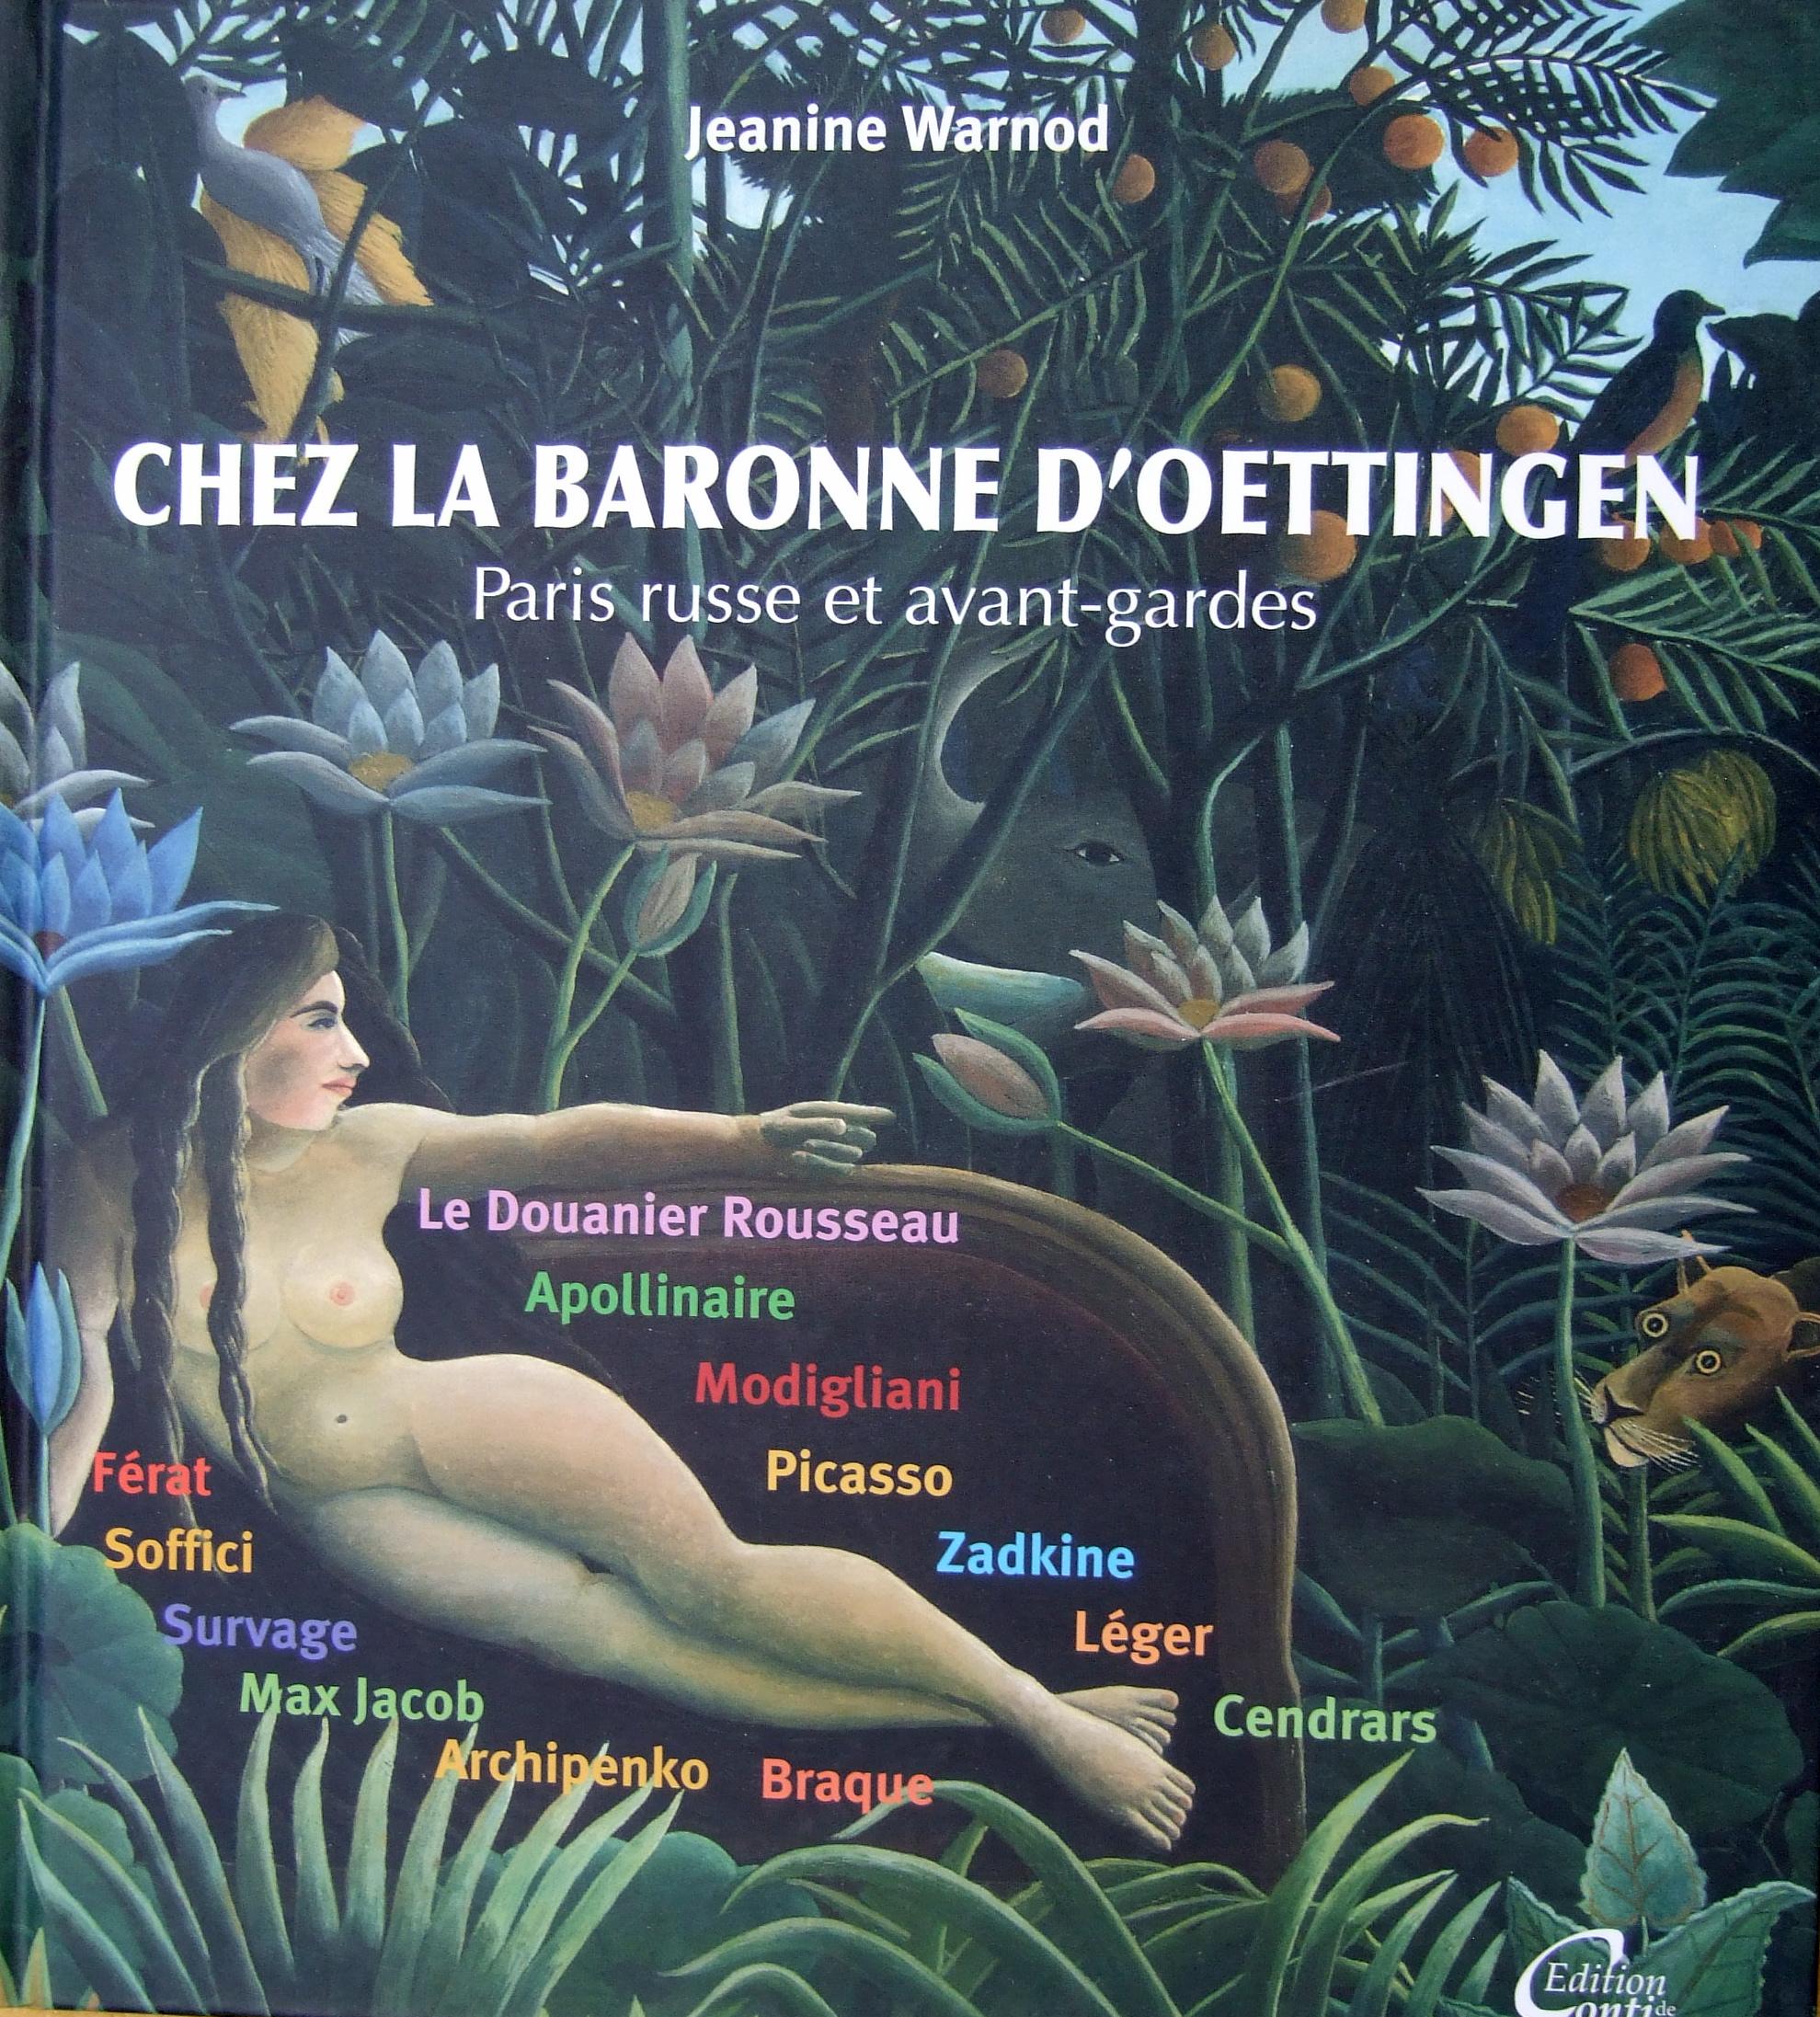 Chez la Baronne D'Oettingen